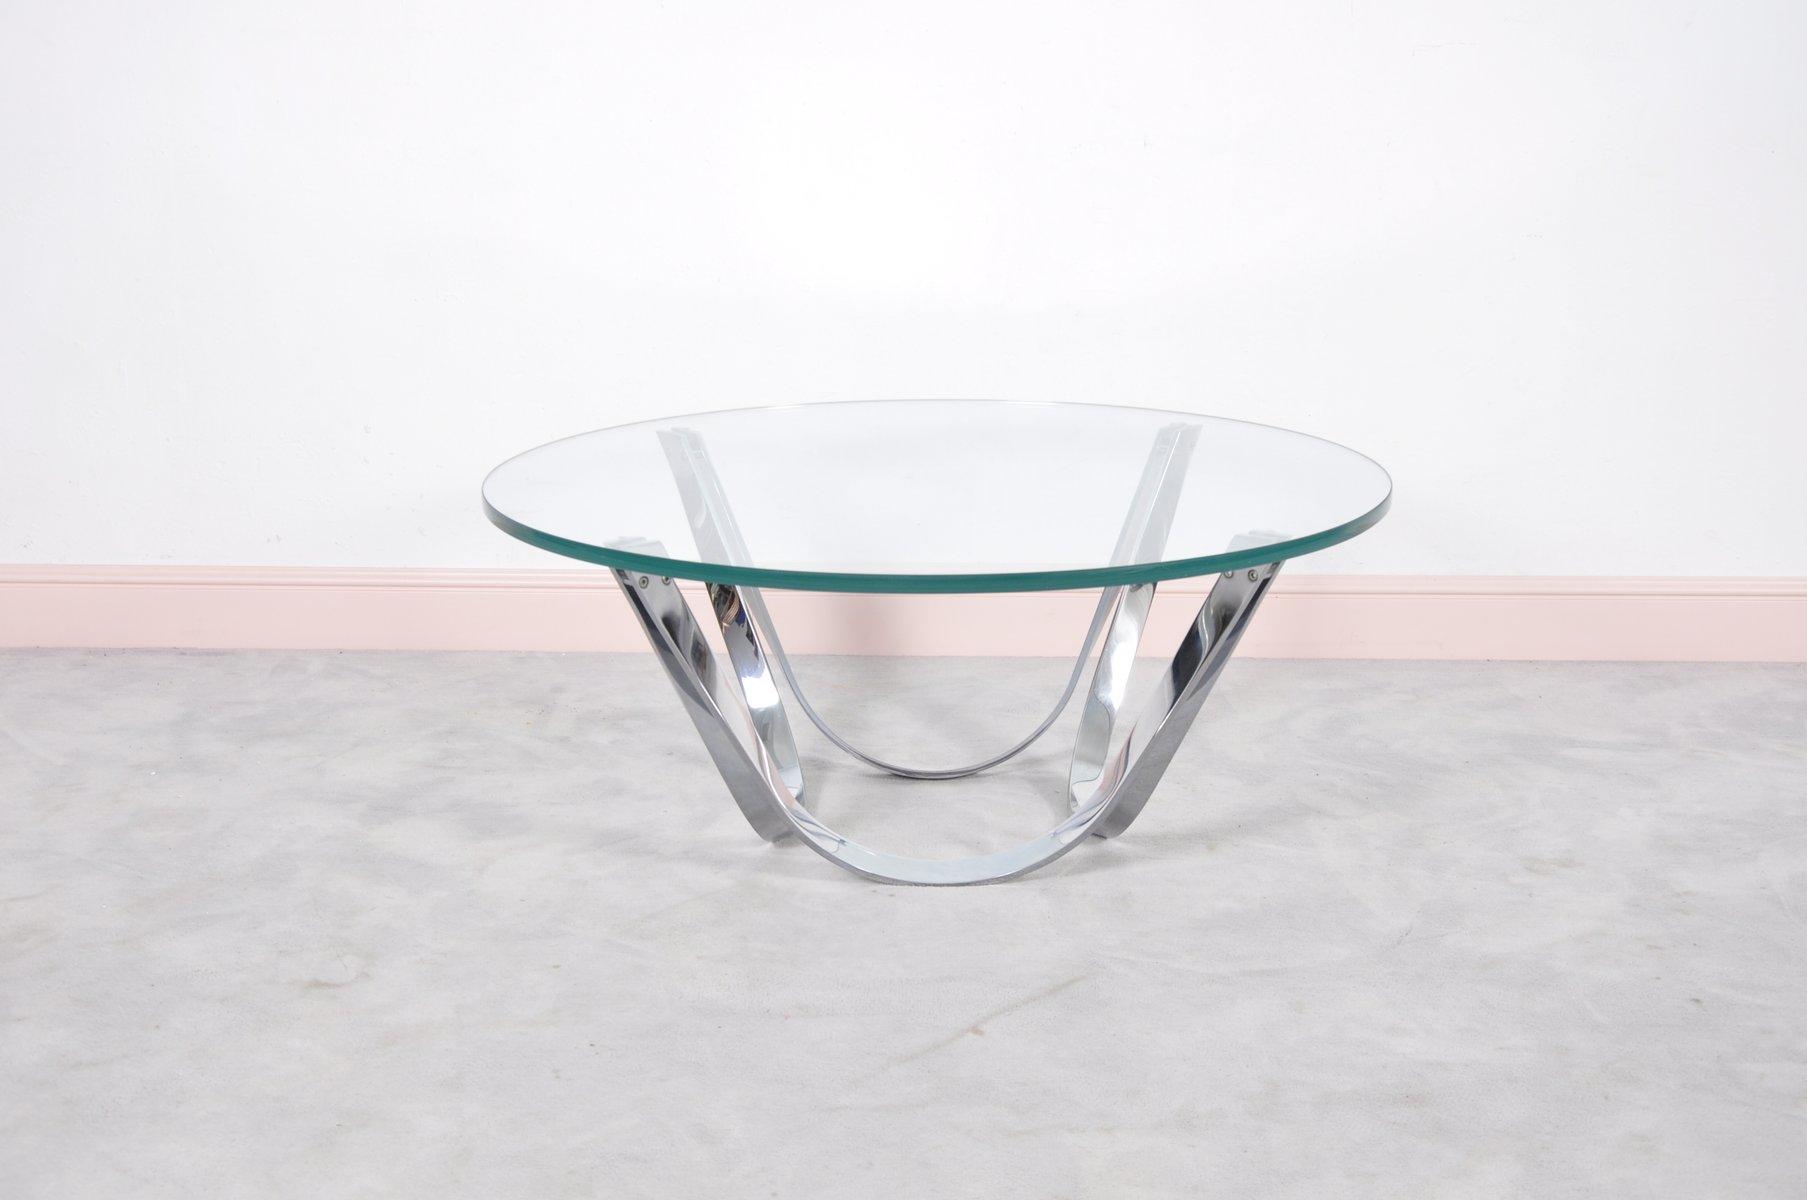 runder glas couchtisch von roger sprunger f r dunbar 1970er bei pamono kaufen. Black Bedroom Furniture Sets. Home Design Ideas